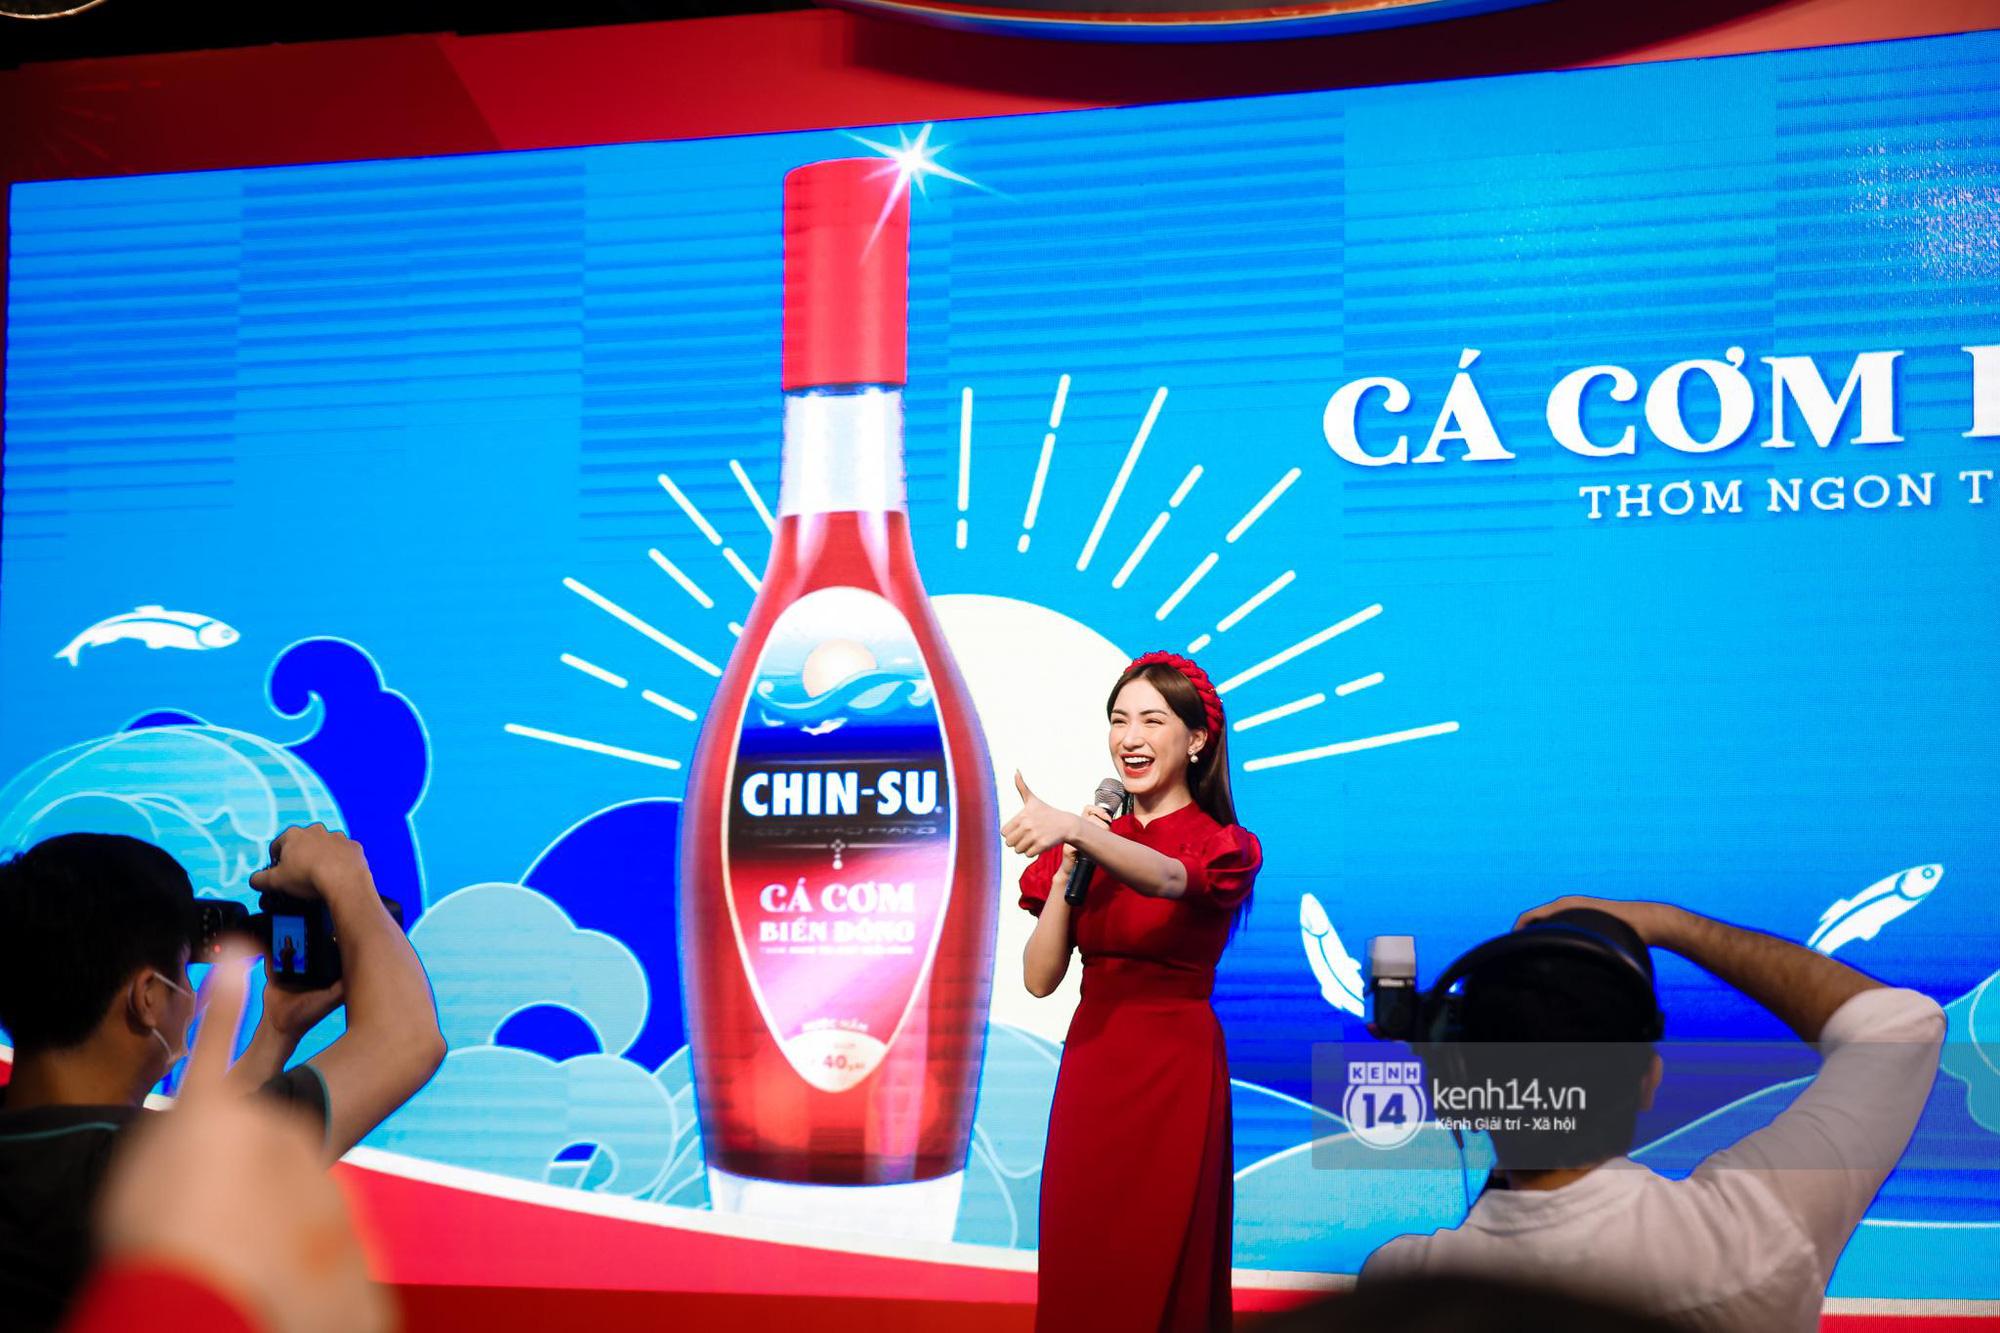 Fan Hòa Minzy bơi hết vào đây, xem idol đột kích Lễ hội Tết Việt và ngàn trải nghiệm wow chưa từng có! - Ảnh 7.